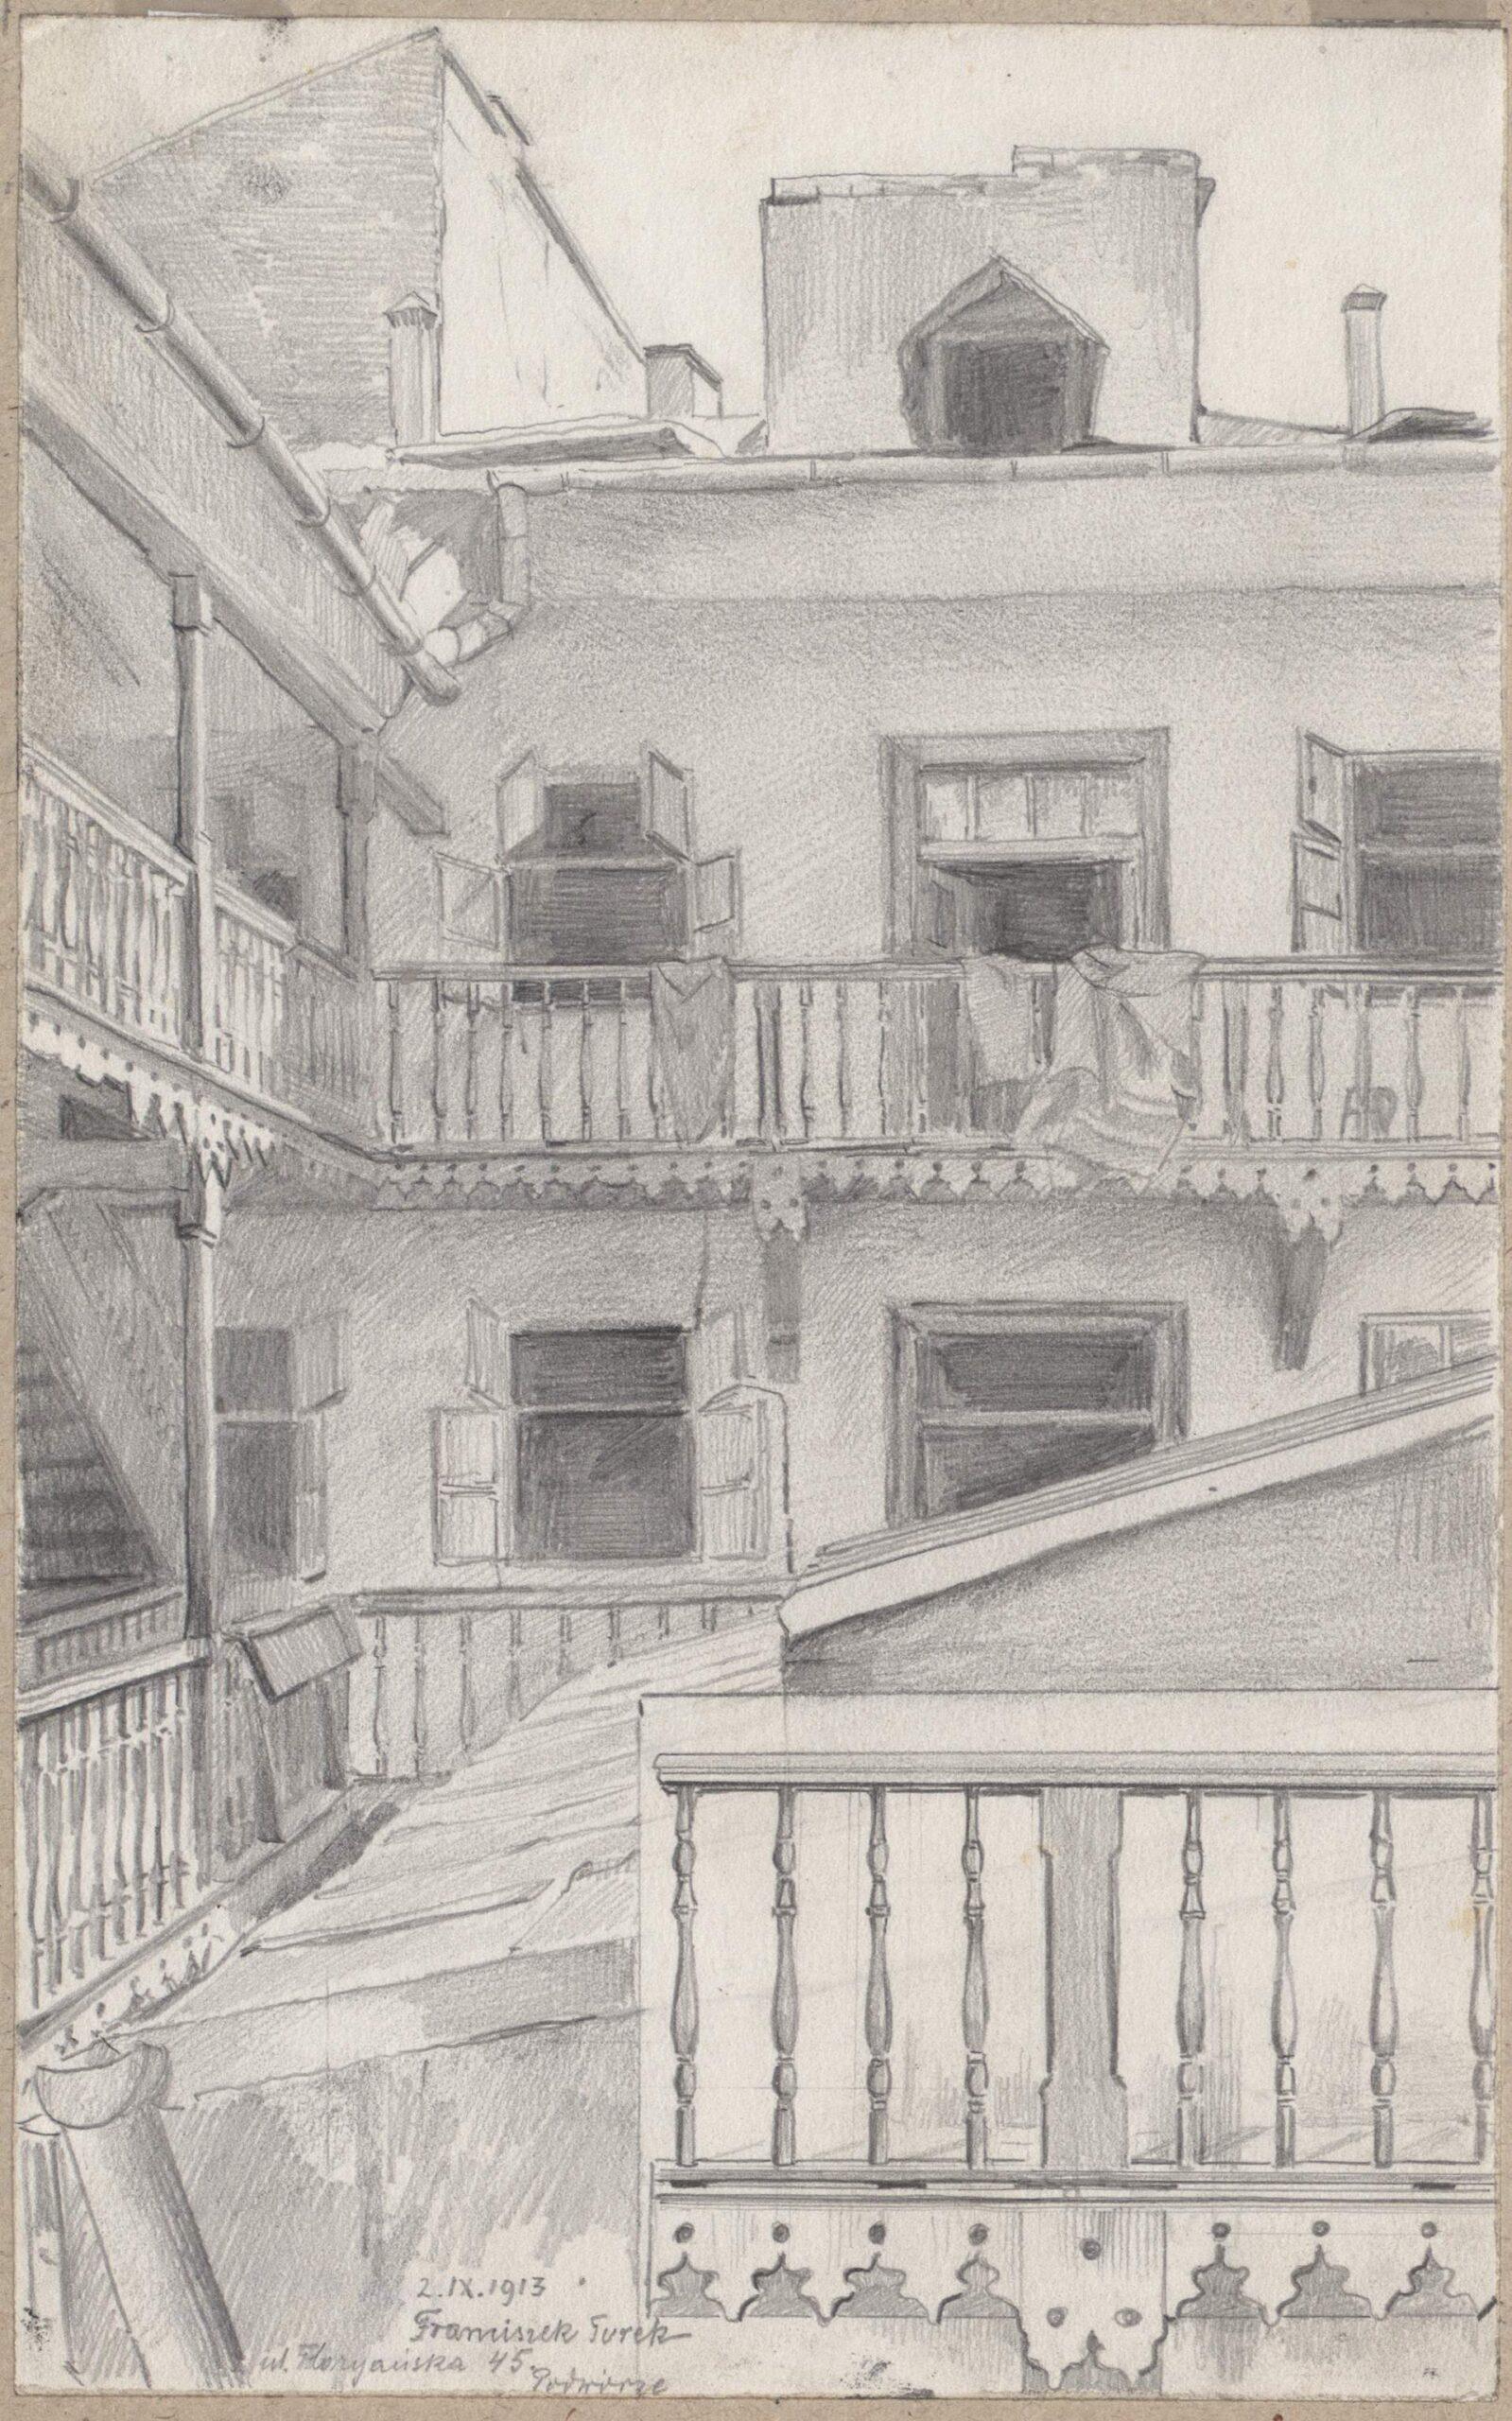 Rysunek ołówkiem przedstawiający część podwórza kamienicy przy ul.Floriańskiej 45 zdrewnianymi balkonami odganków. Wdolnej części rysunku odręczna adnotacja artysty ołówkiem: 2. IX. 1913 Franciszek Turek ul.Floriańska 45 podwórze